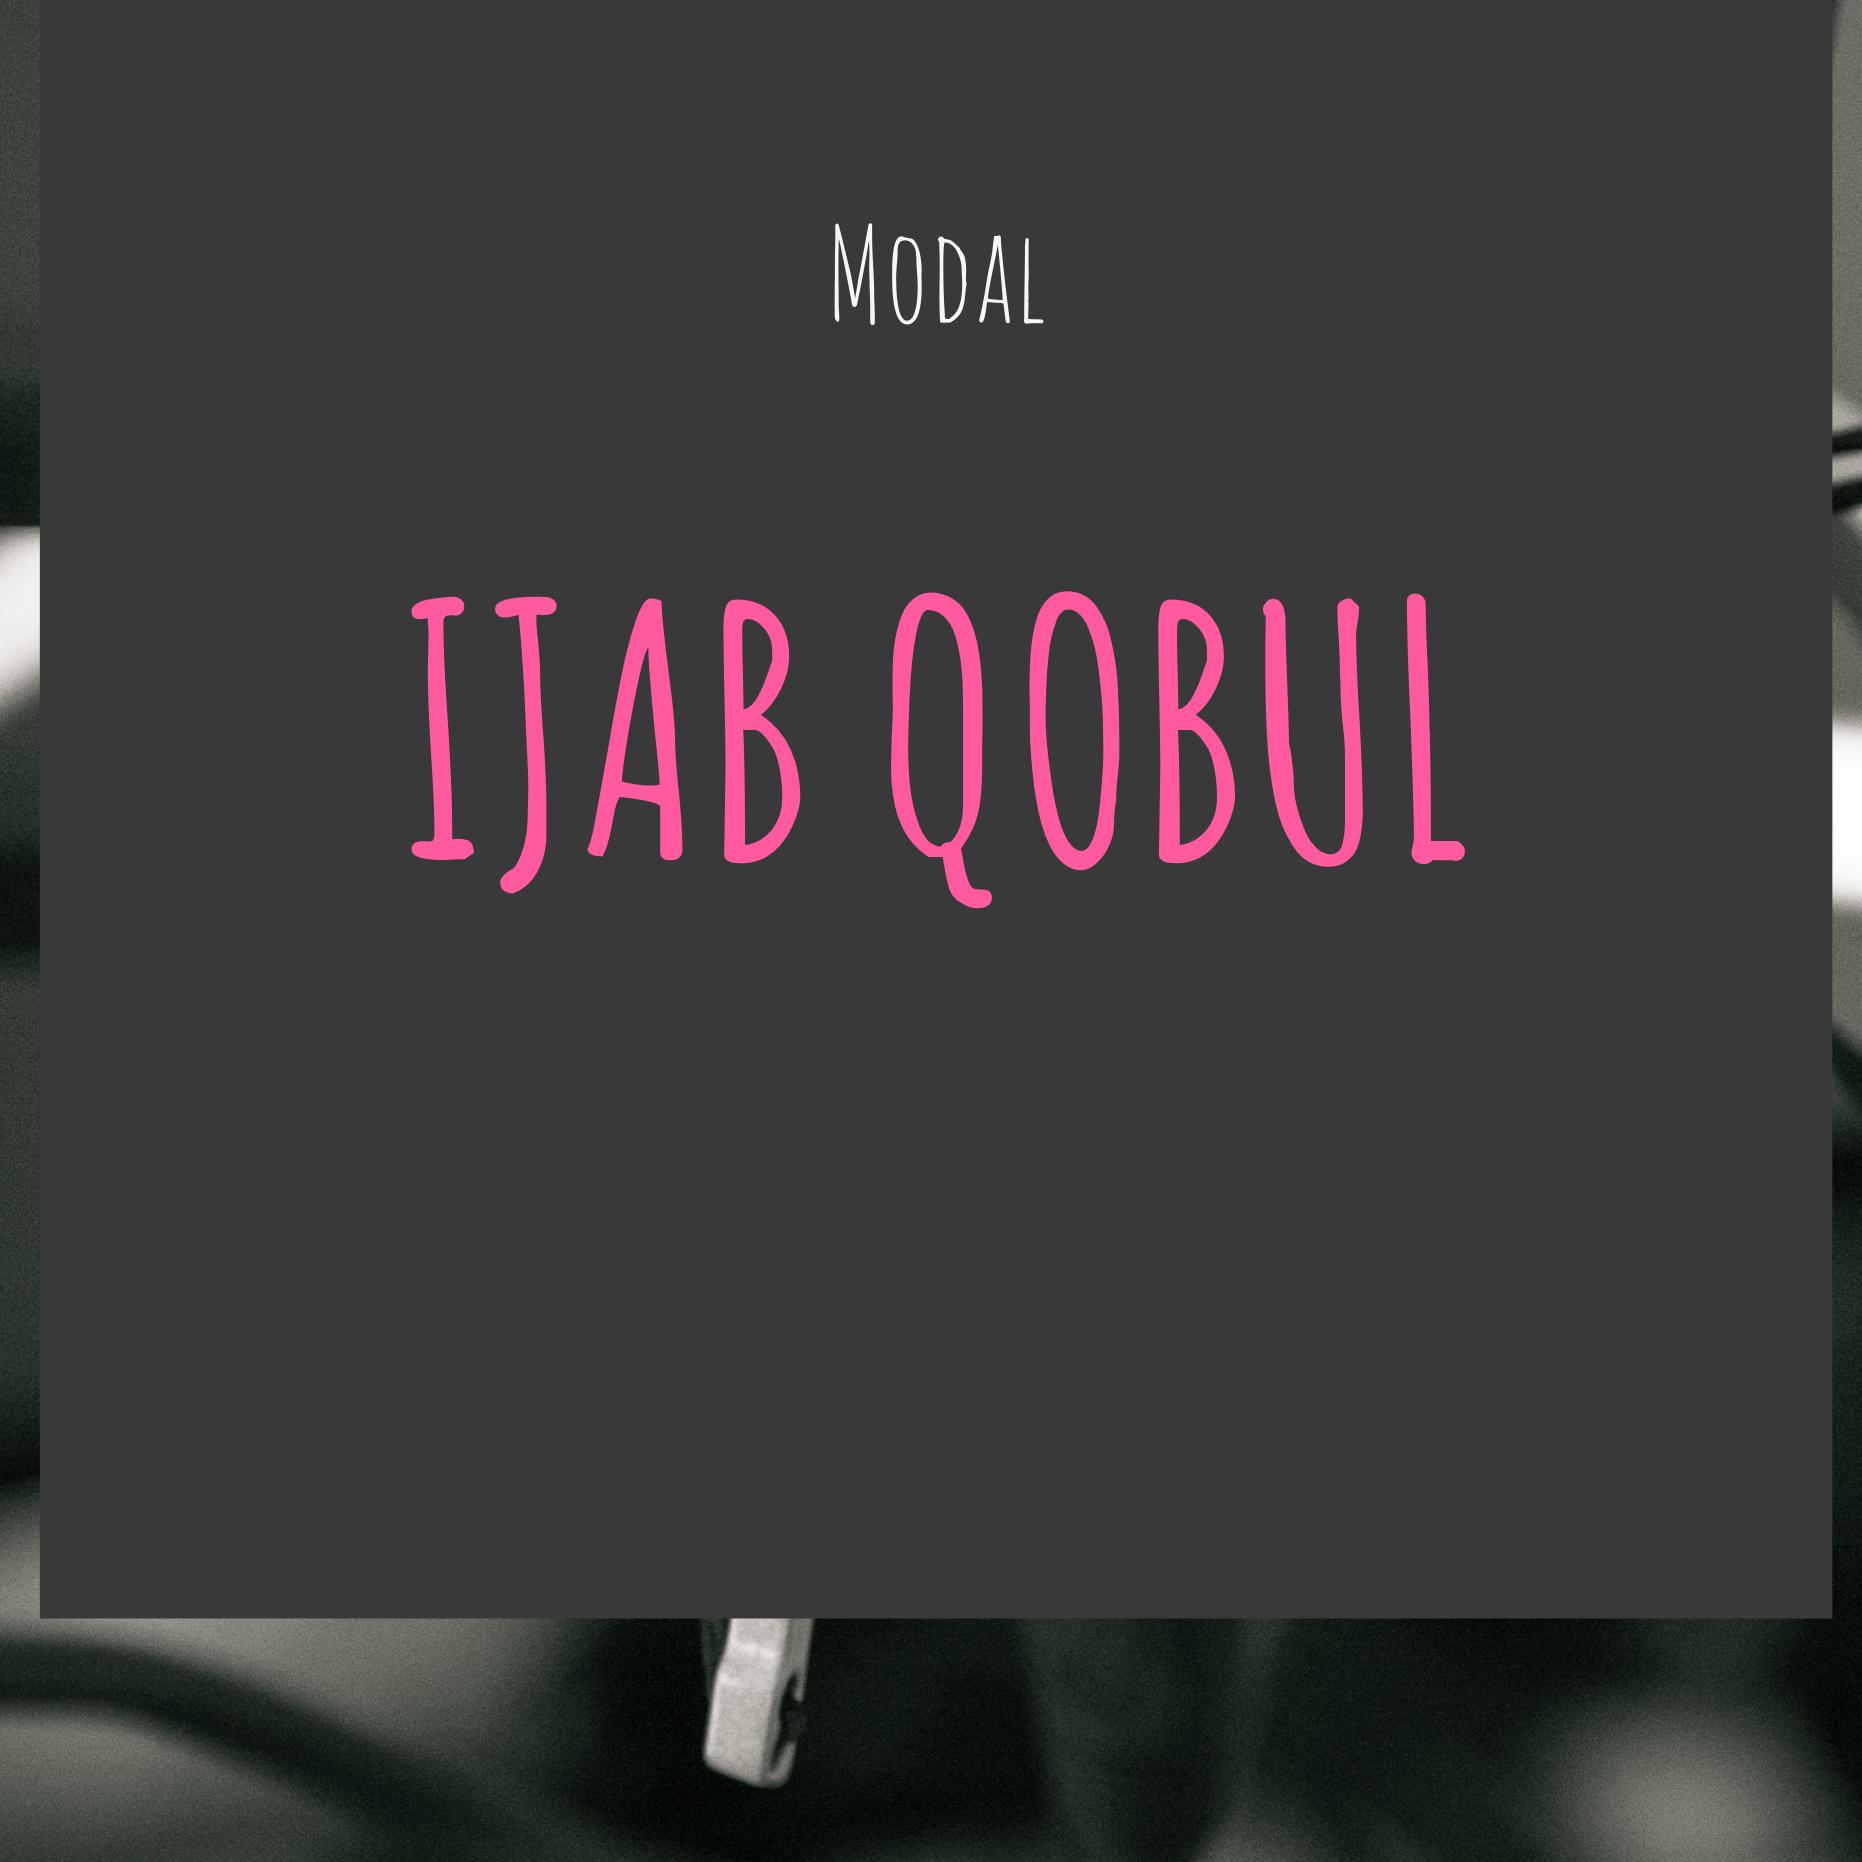 Modal Izab Qobul